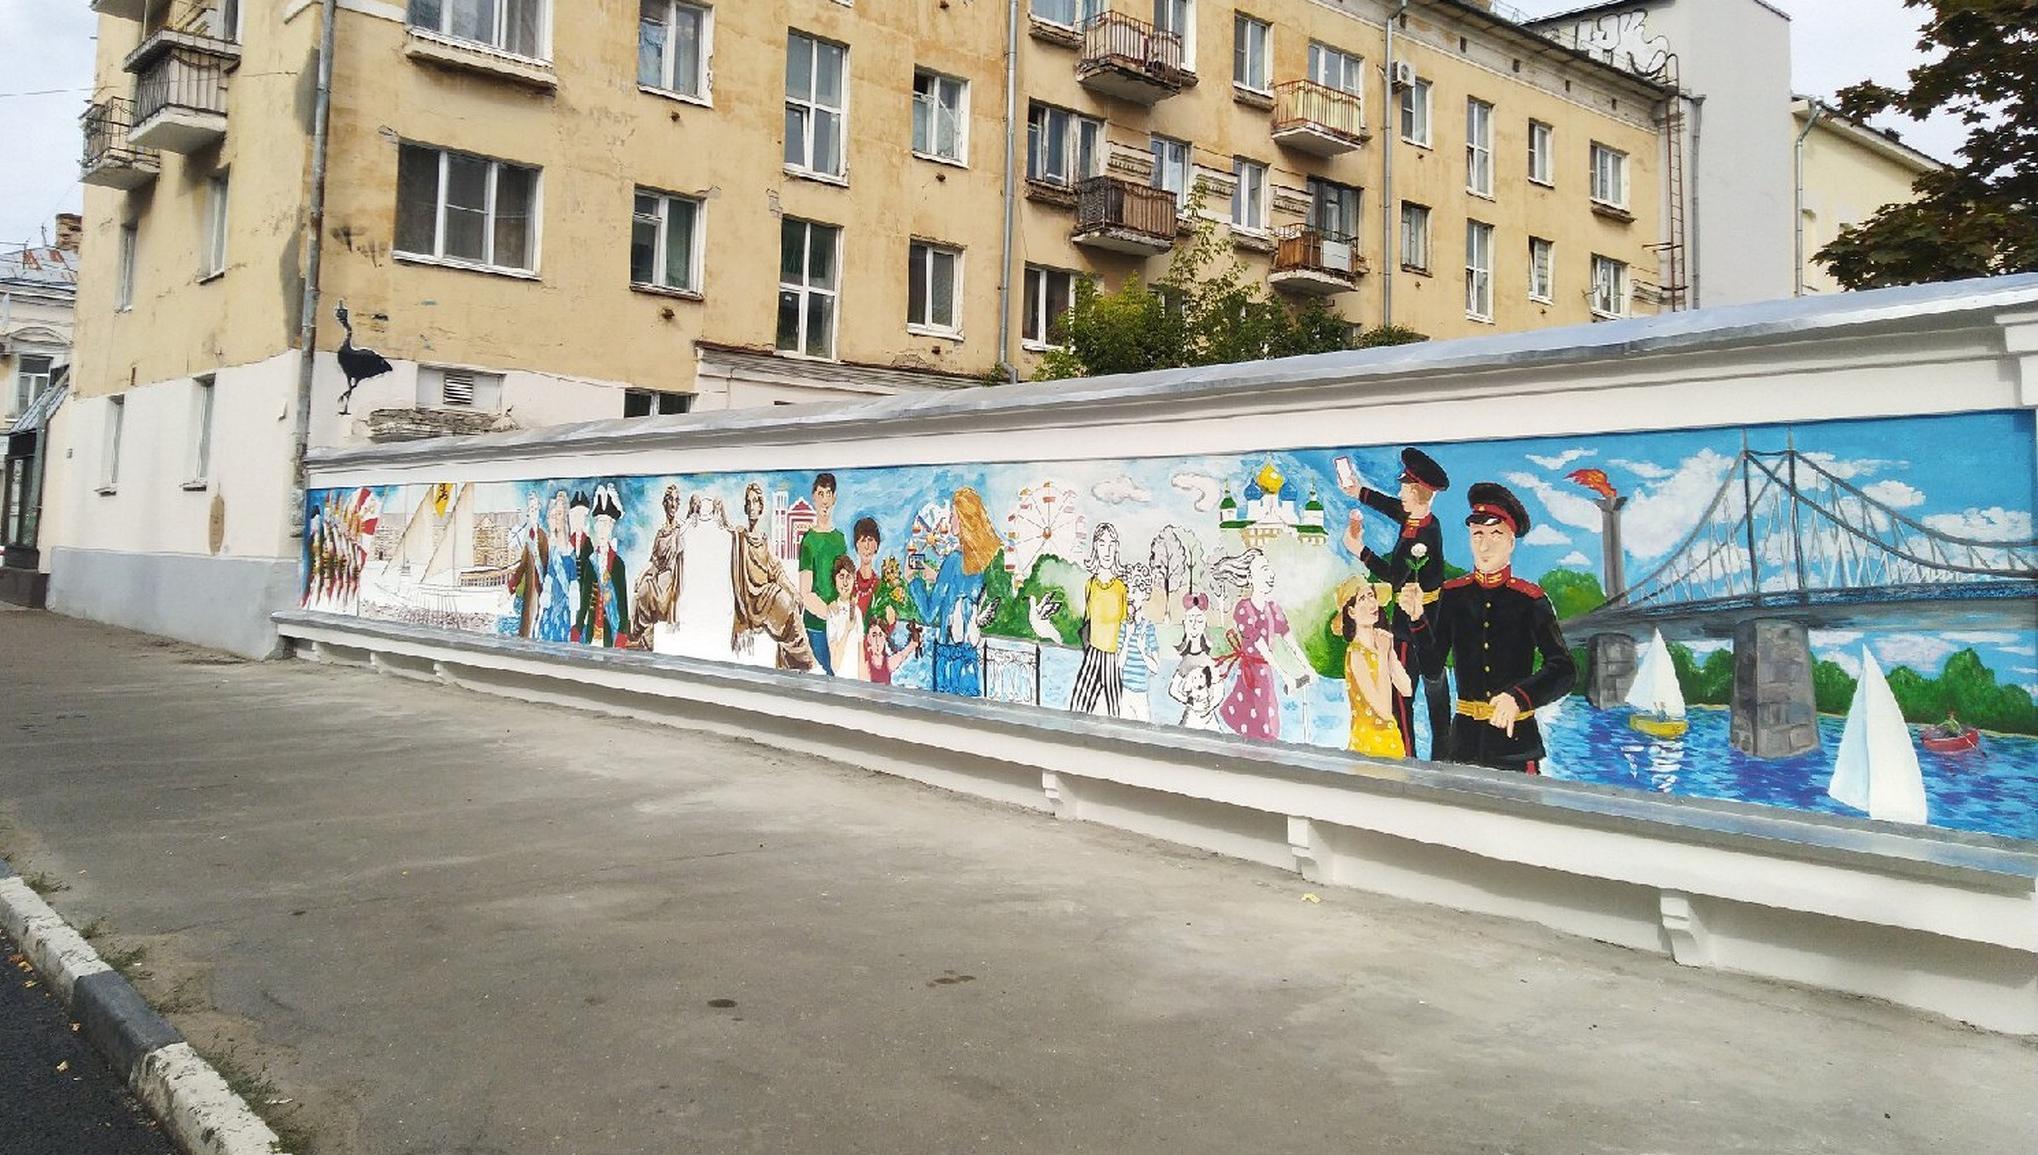 Дети расписали стену, посвятив рисунки Екатерине Великой и Твери - новости Афанасий